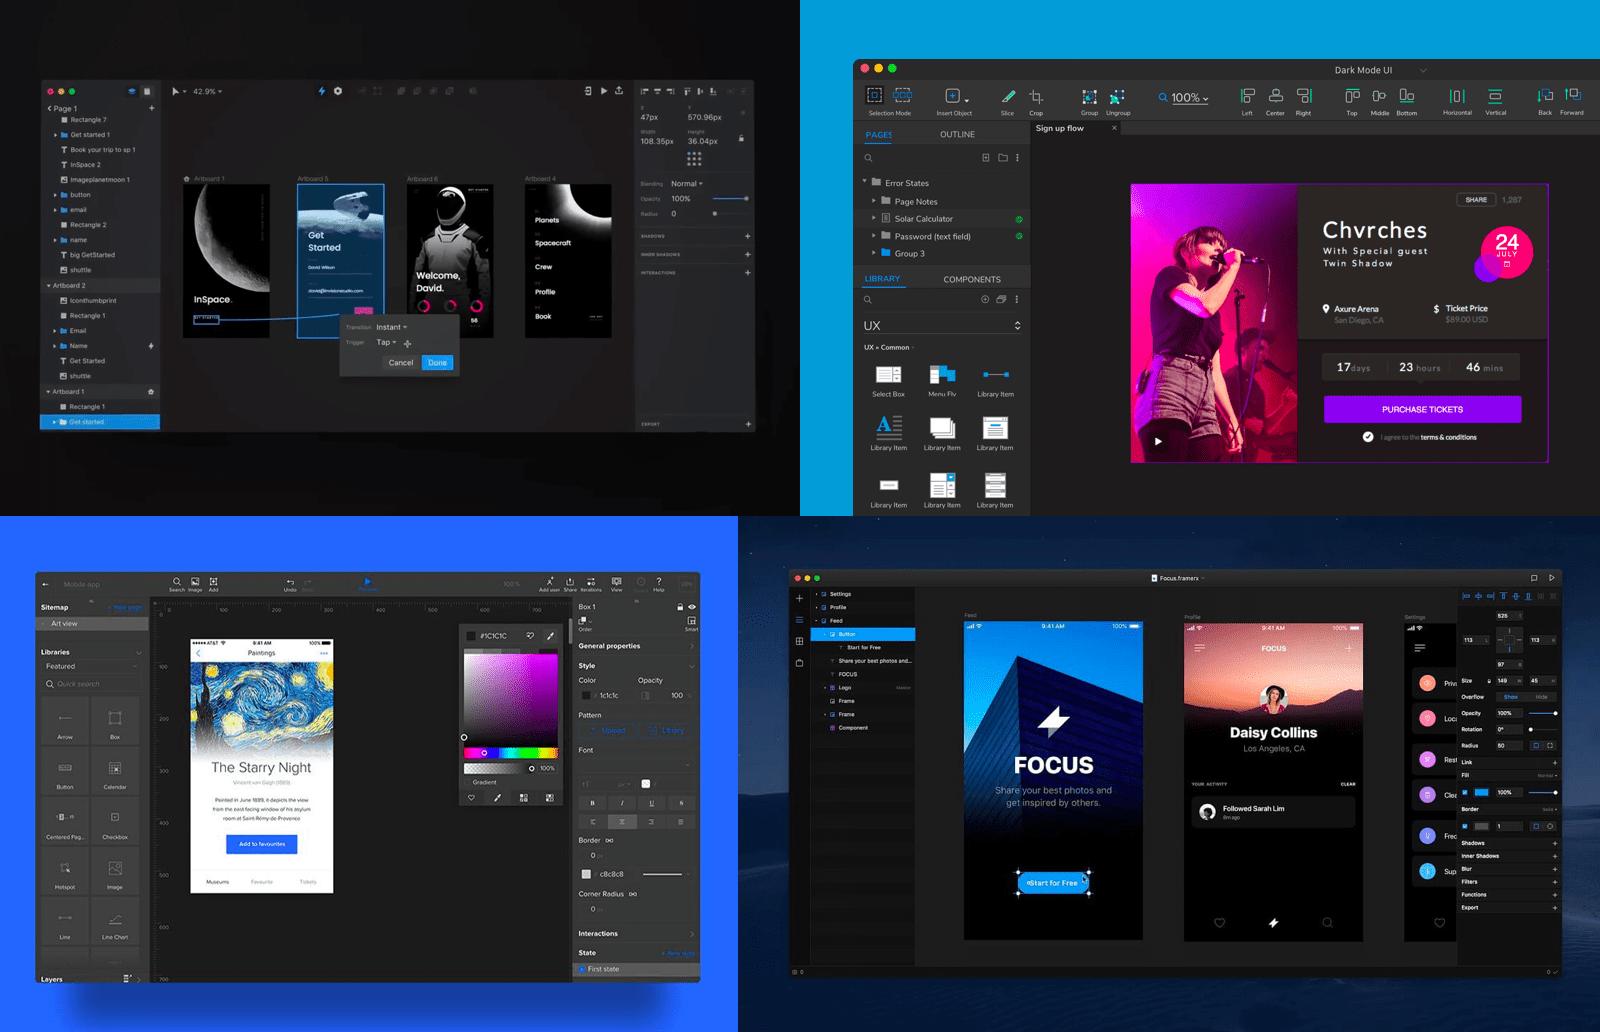 Dark mode as a UI/UX design trend in 2020